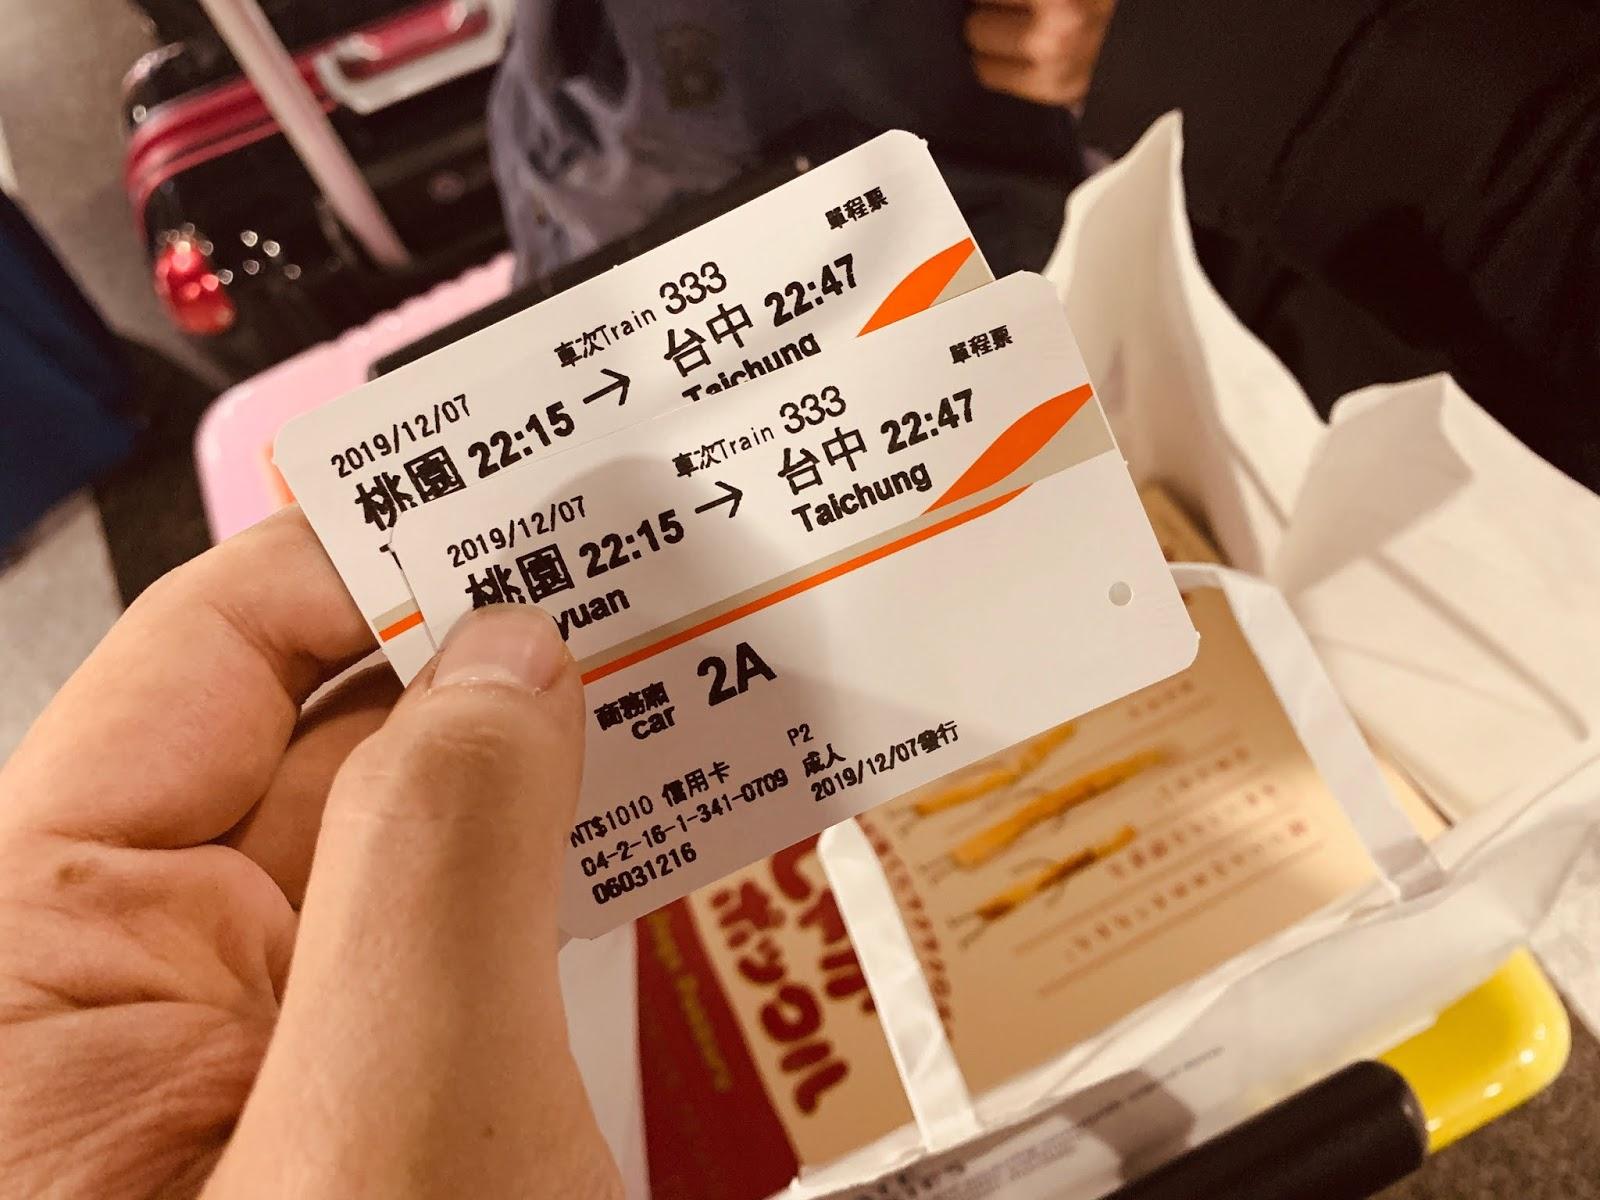 台灣高鐵-商務艙車票